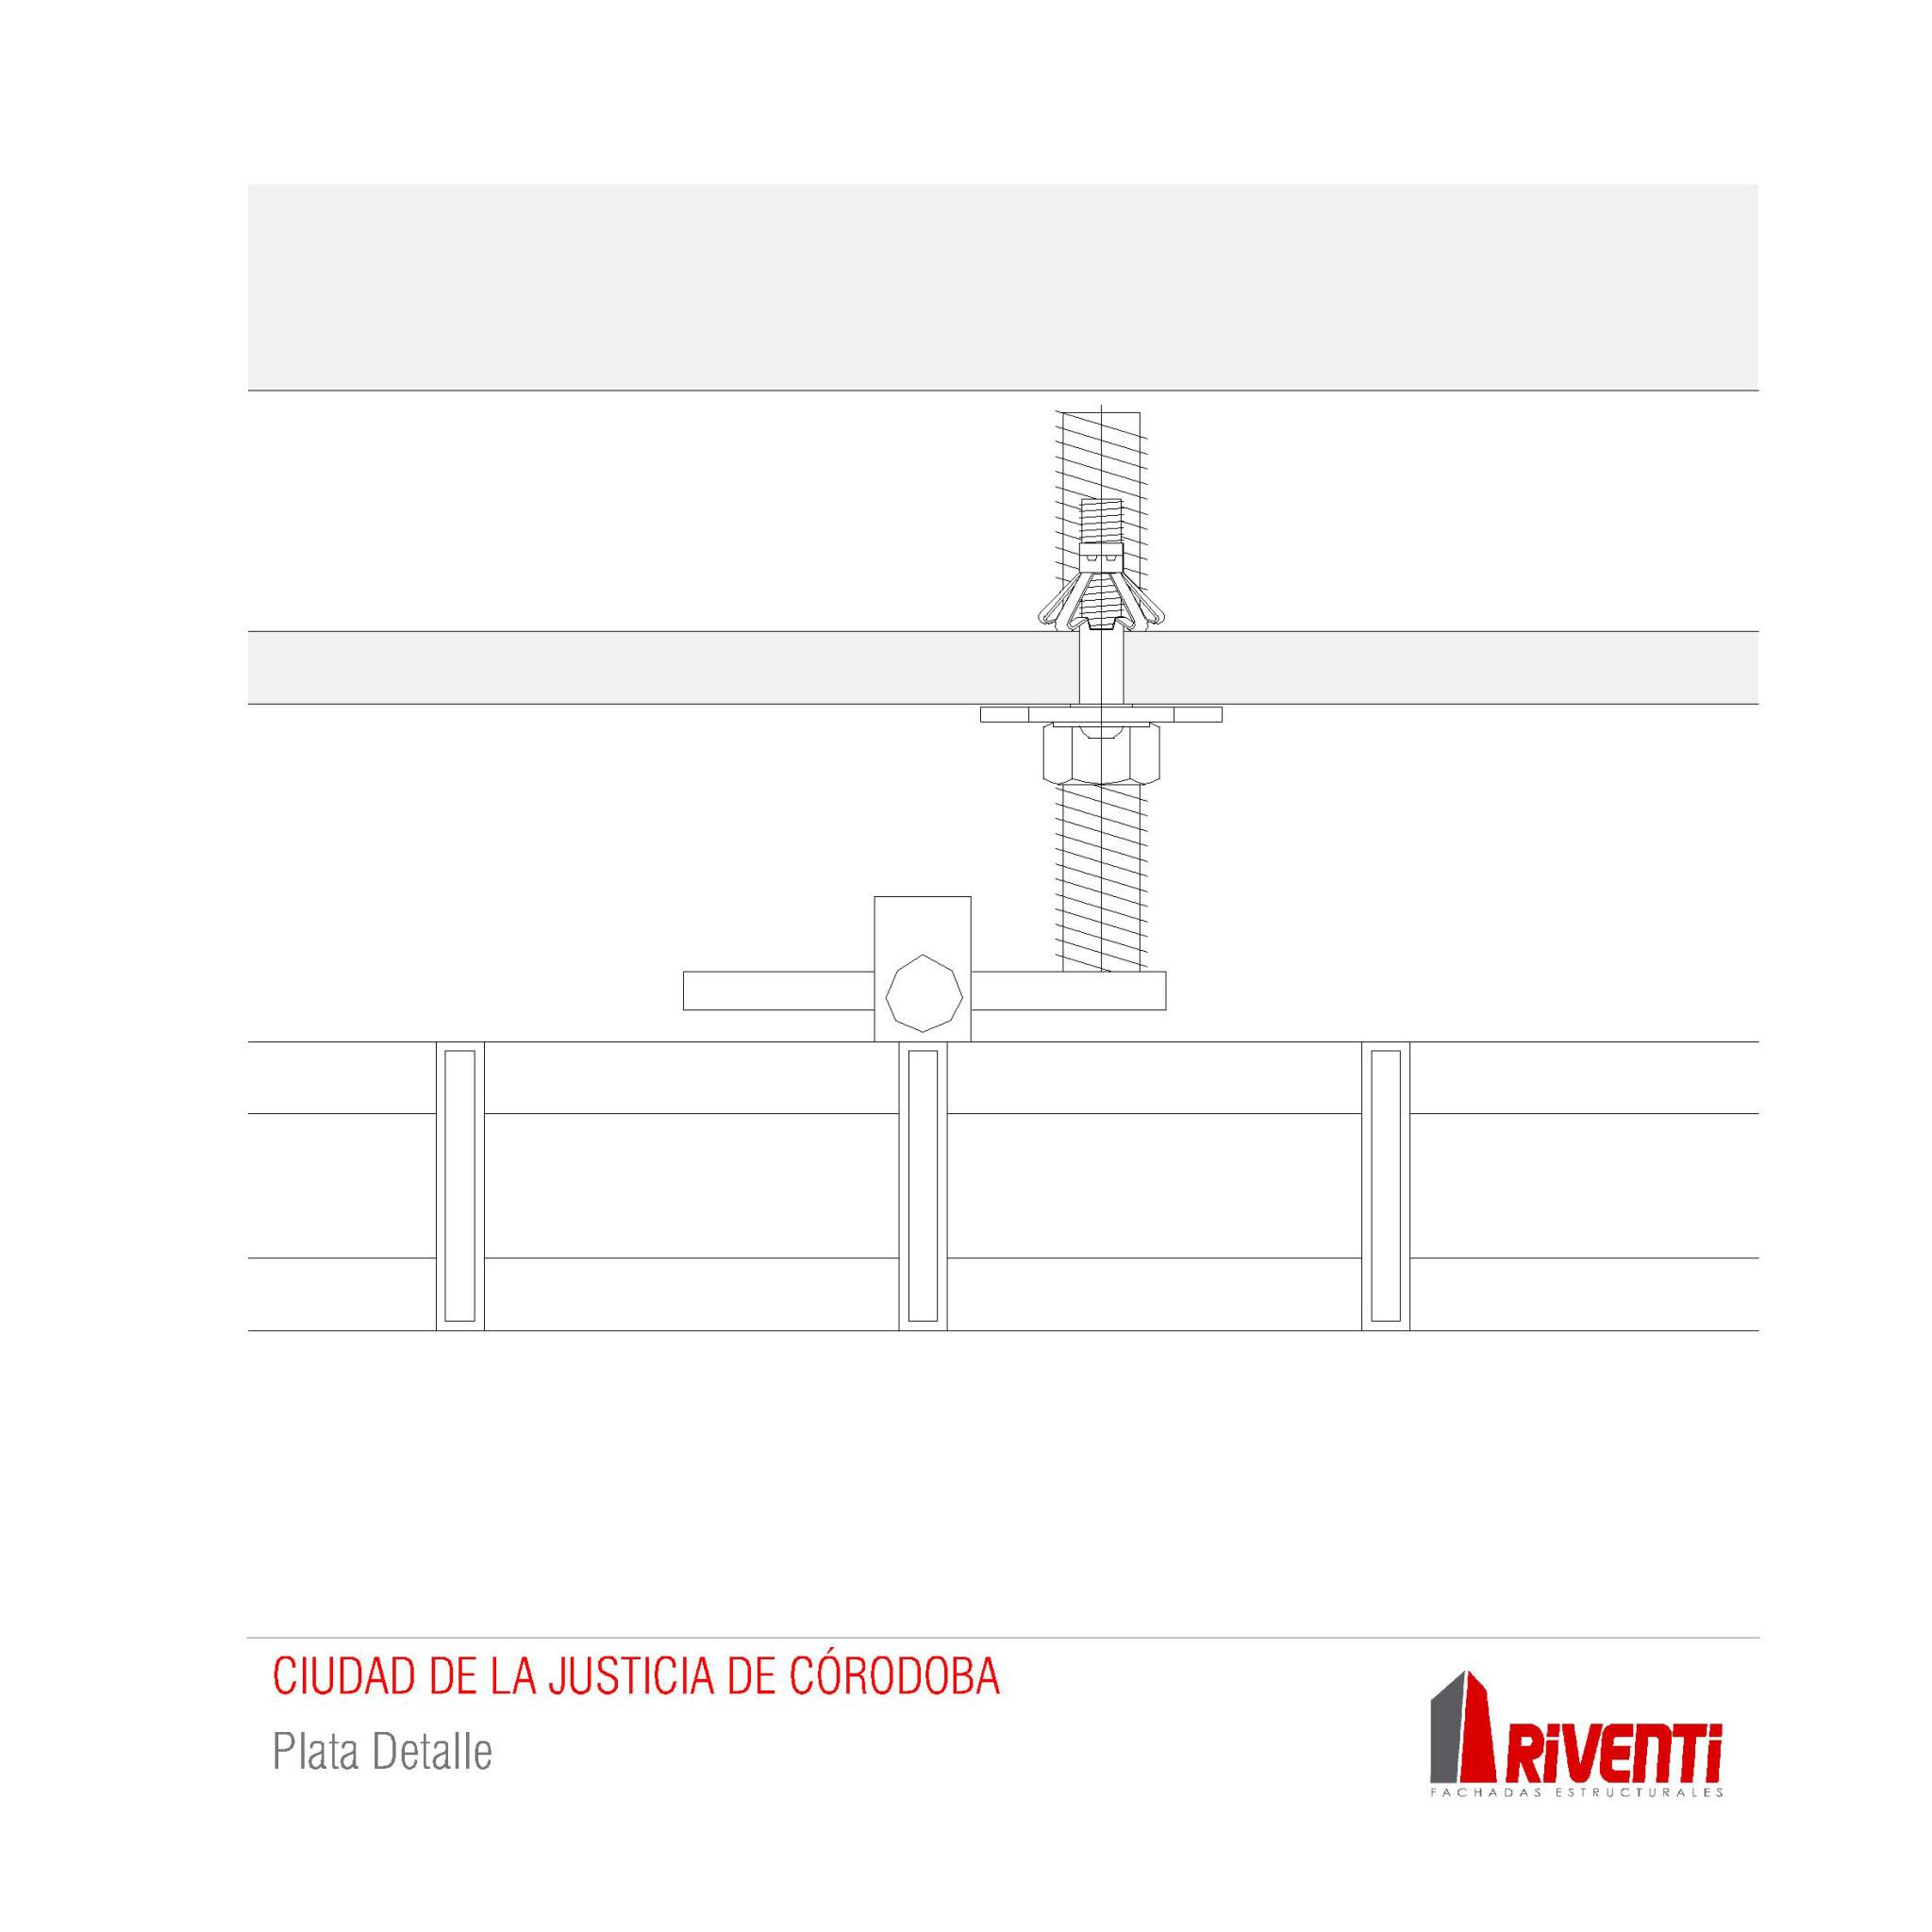 celosia-ciudad-justicia-cordoba-riventi-modular-detalle-constructivo (3)